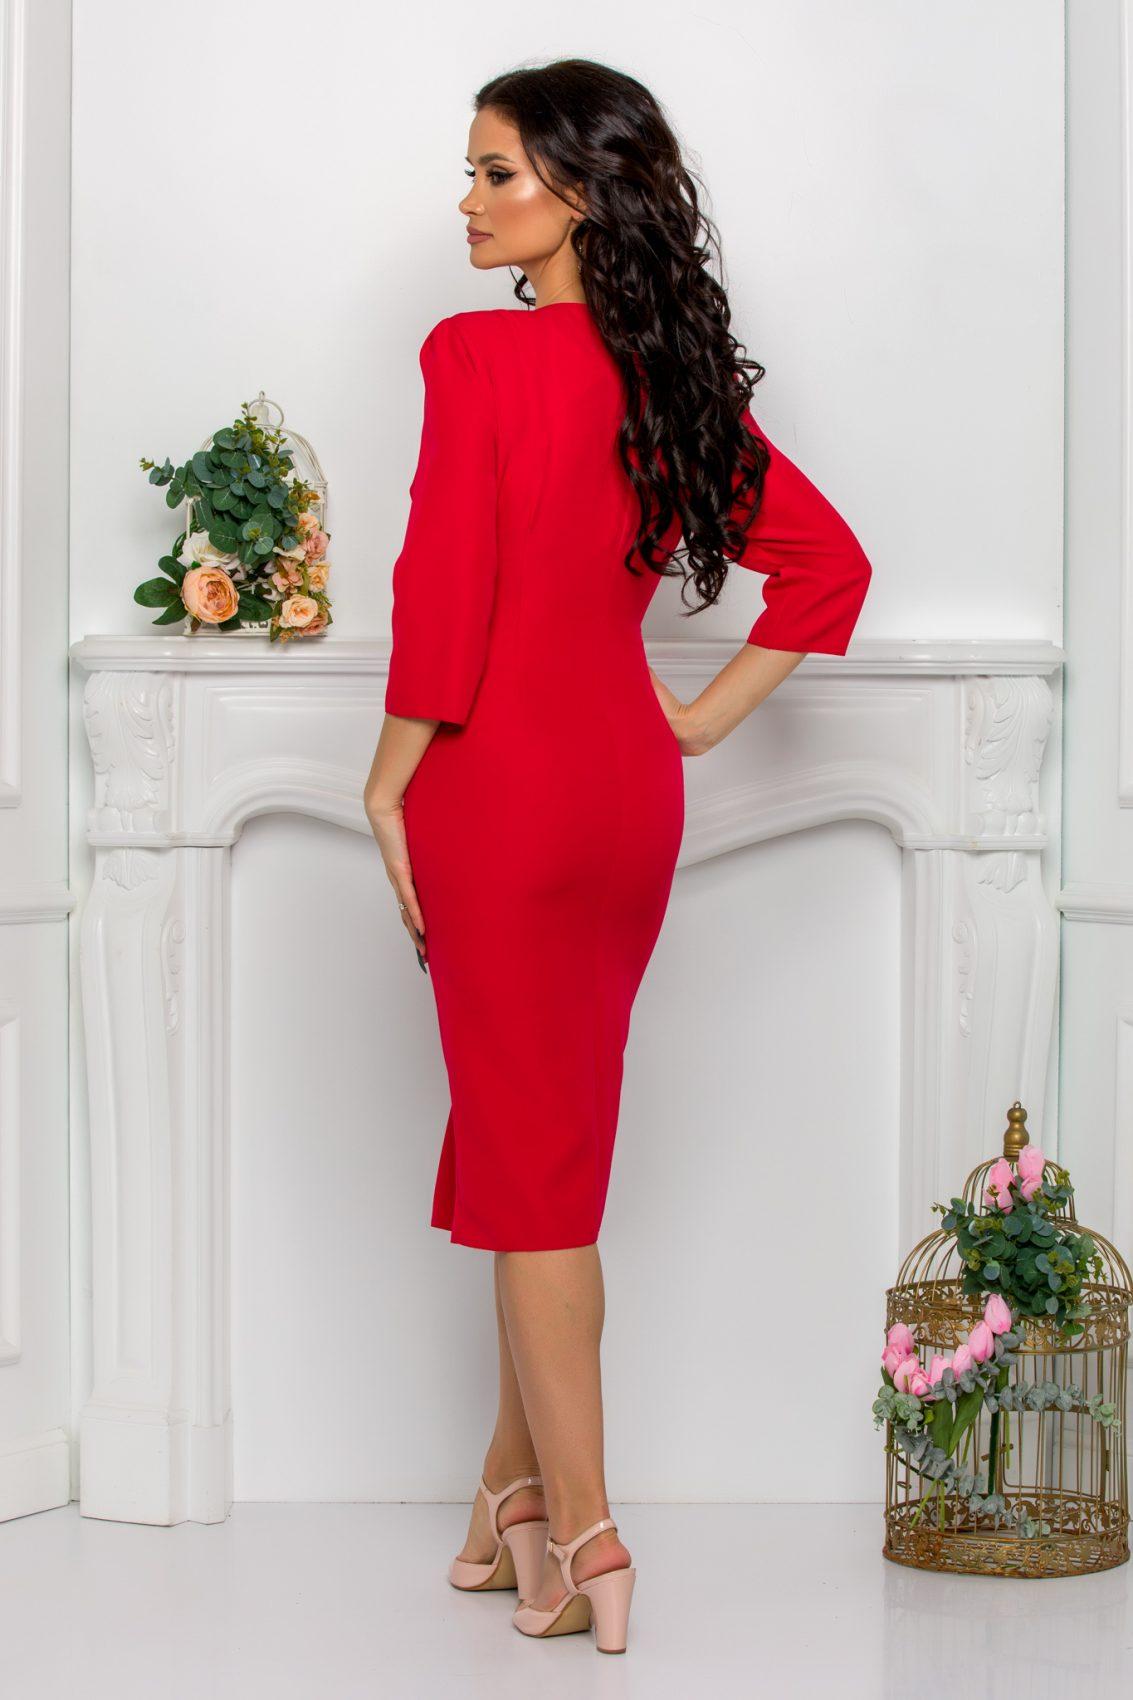 Κόκκινο Φόρεμα Με Πέρλες Johanna 9545 2